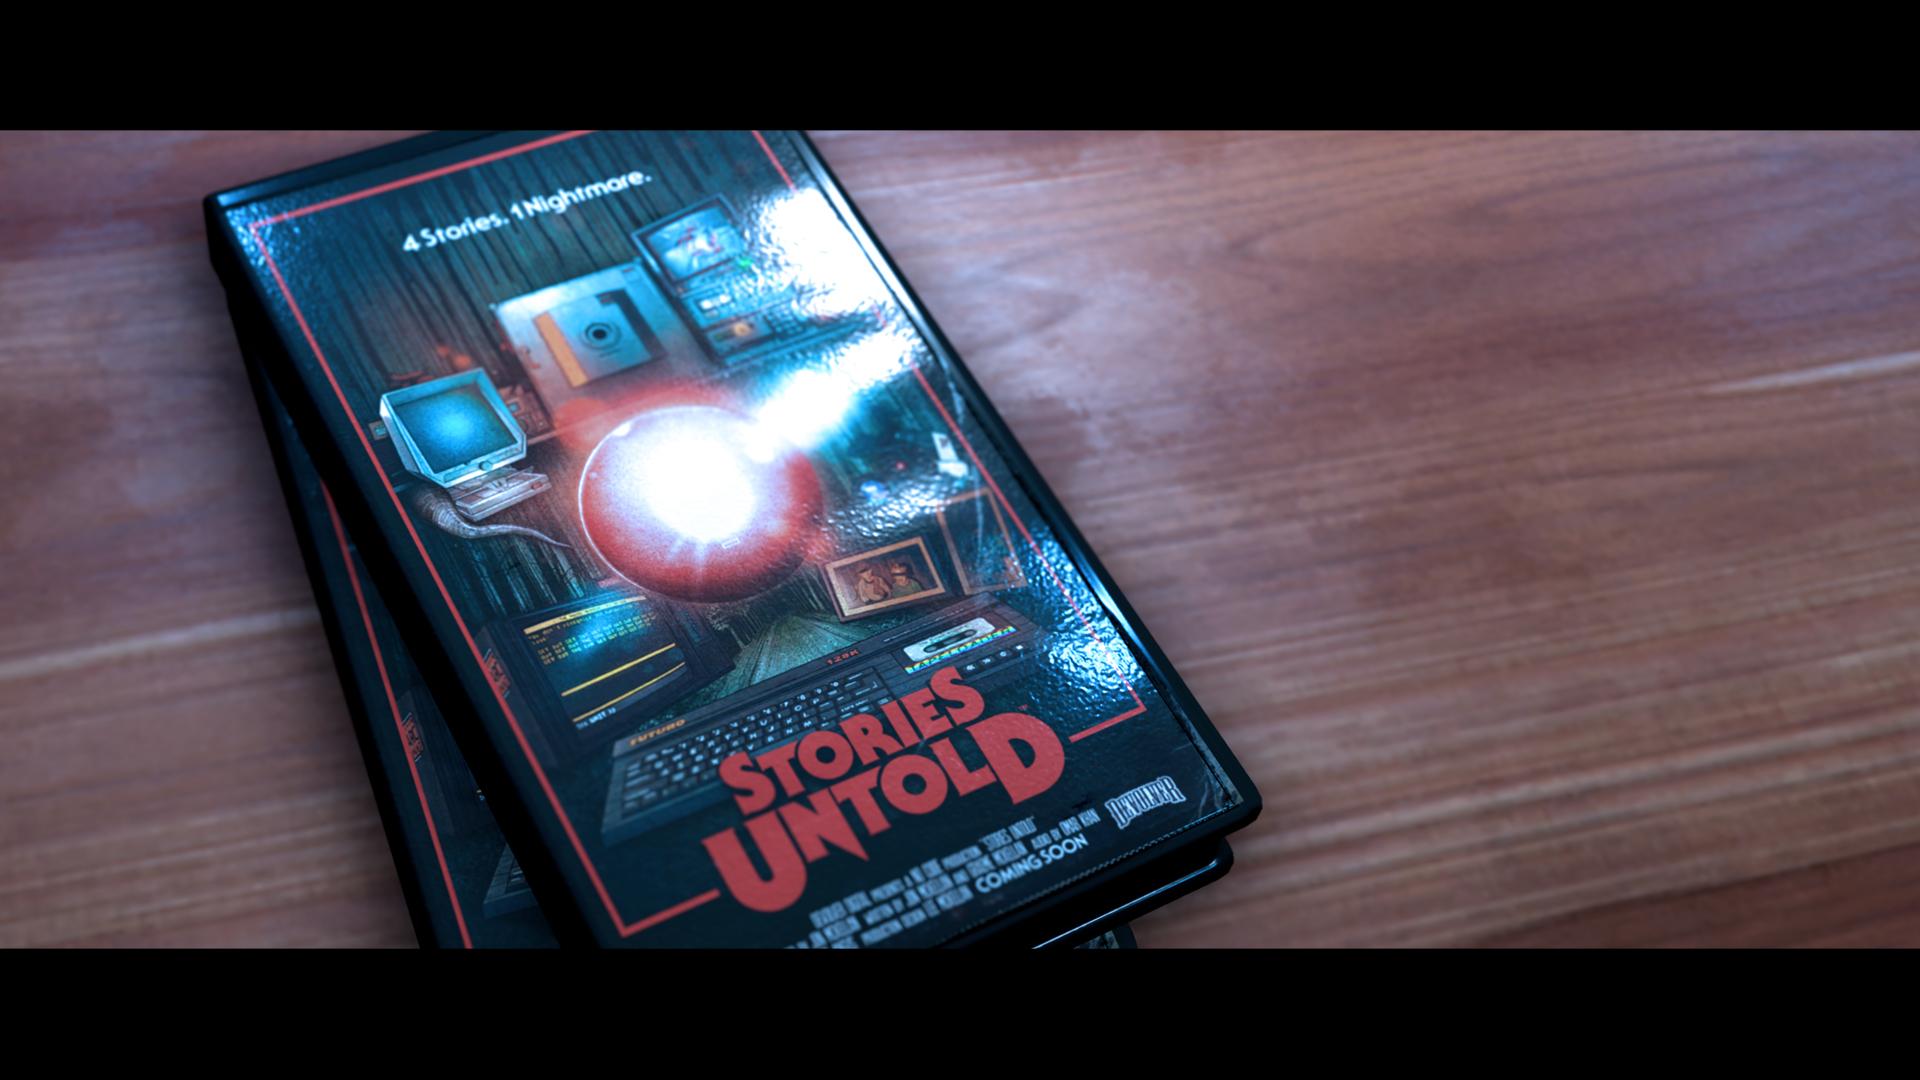 Stories Untold screenshot